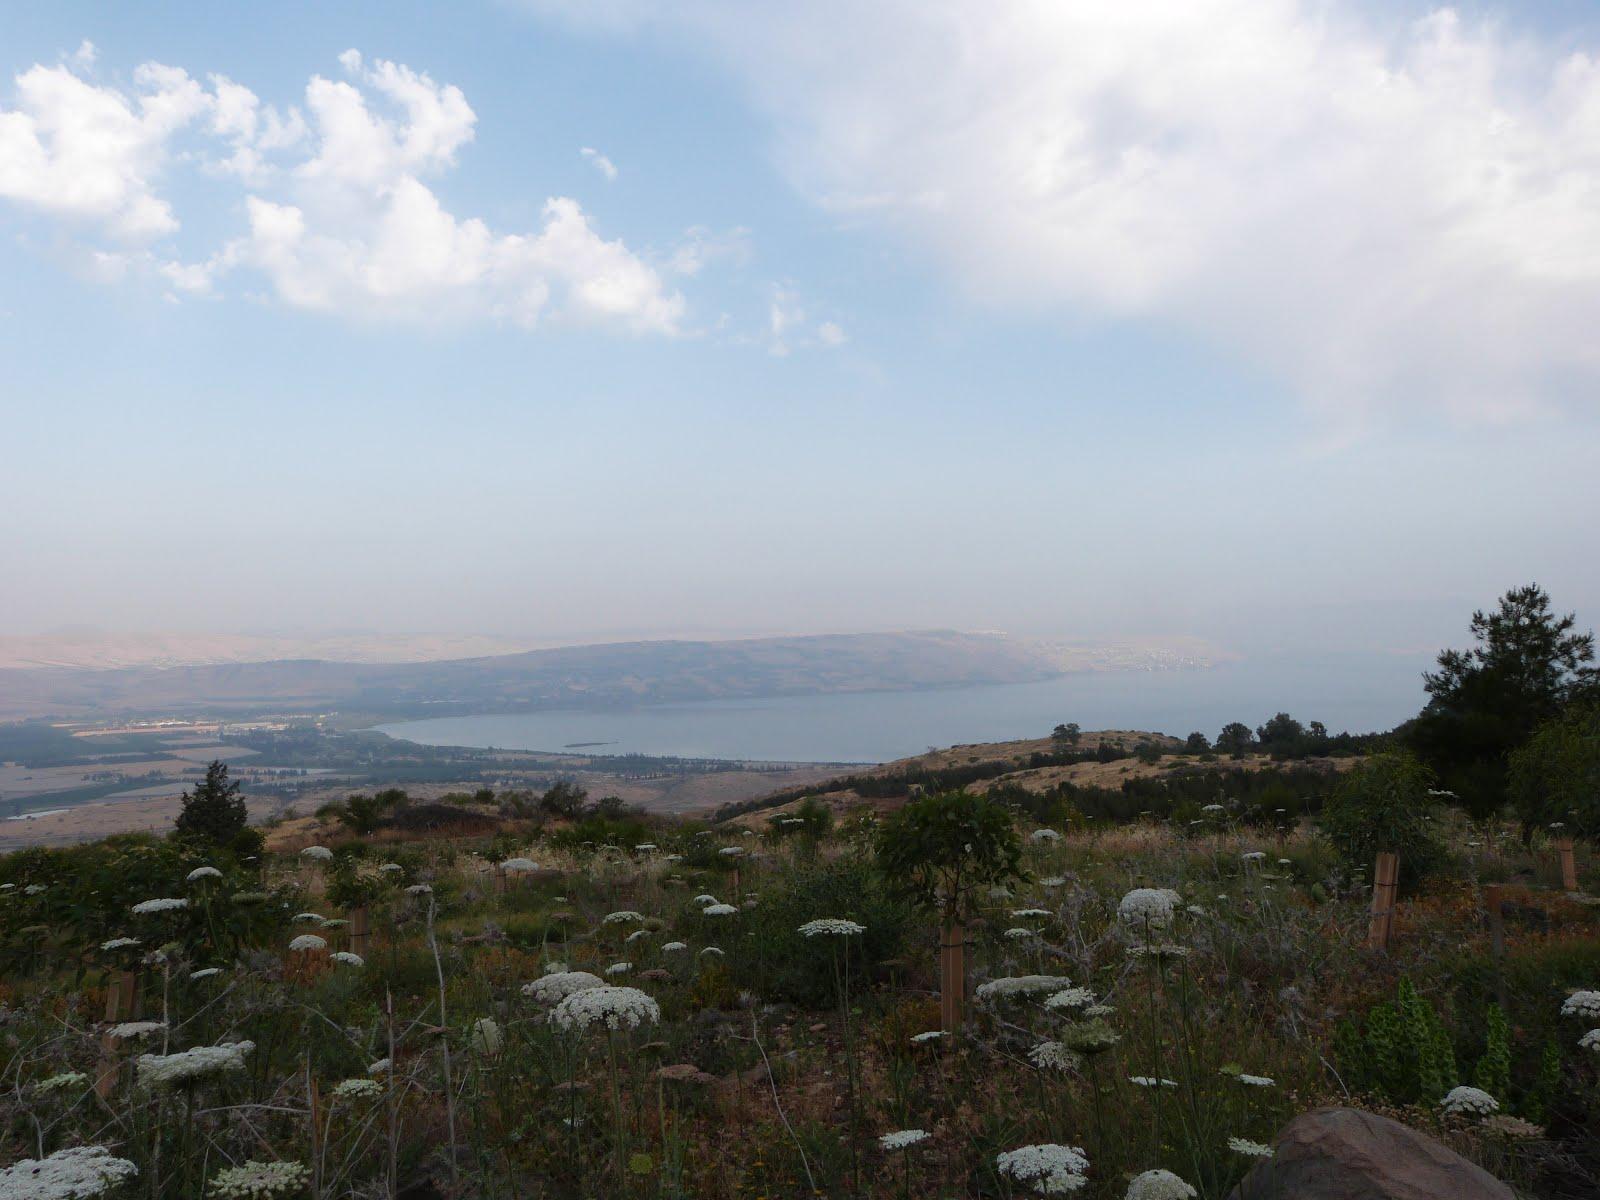 Вид с Голанских высот на Галилейское море (см.погода в Тверии)